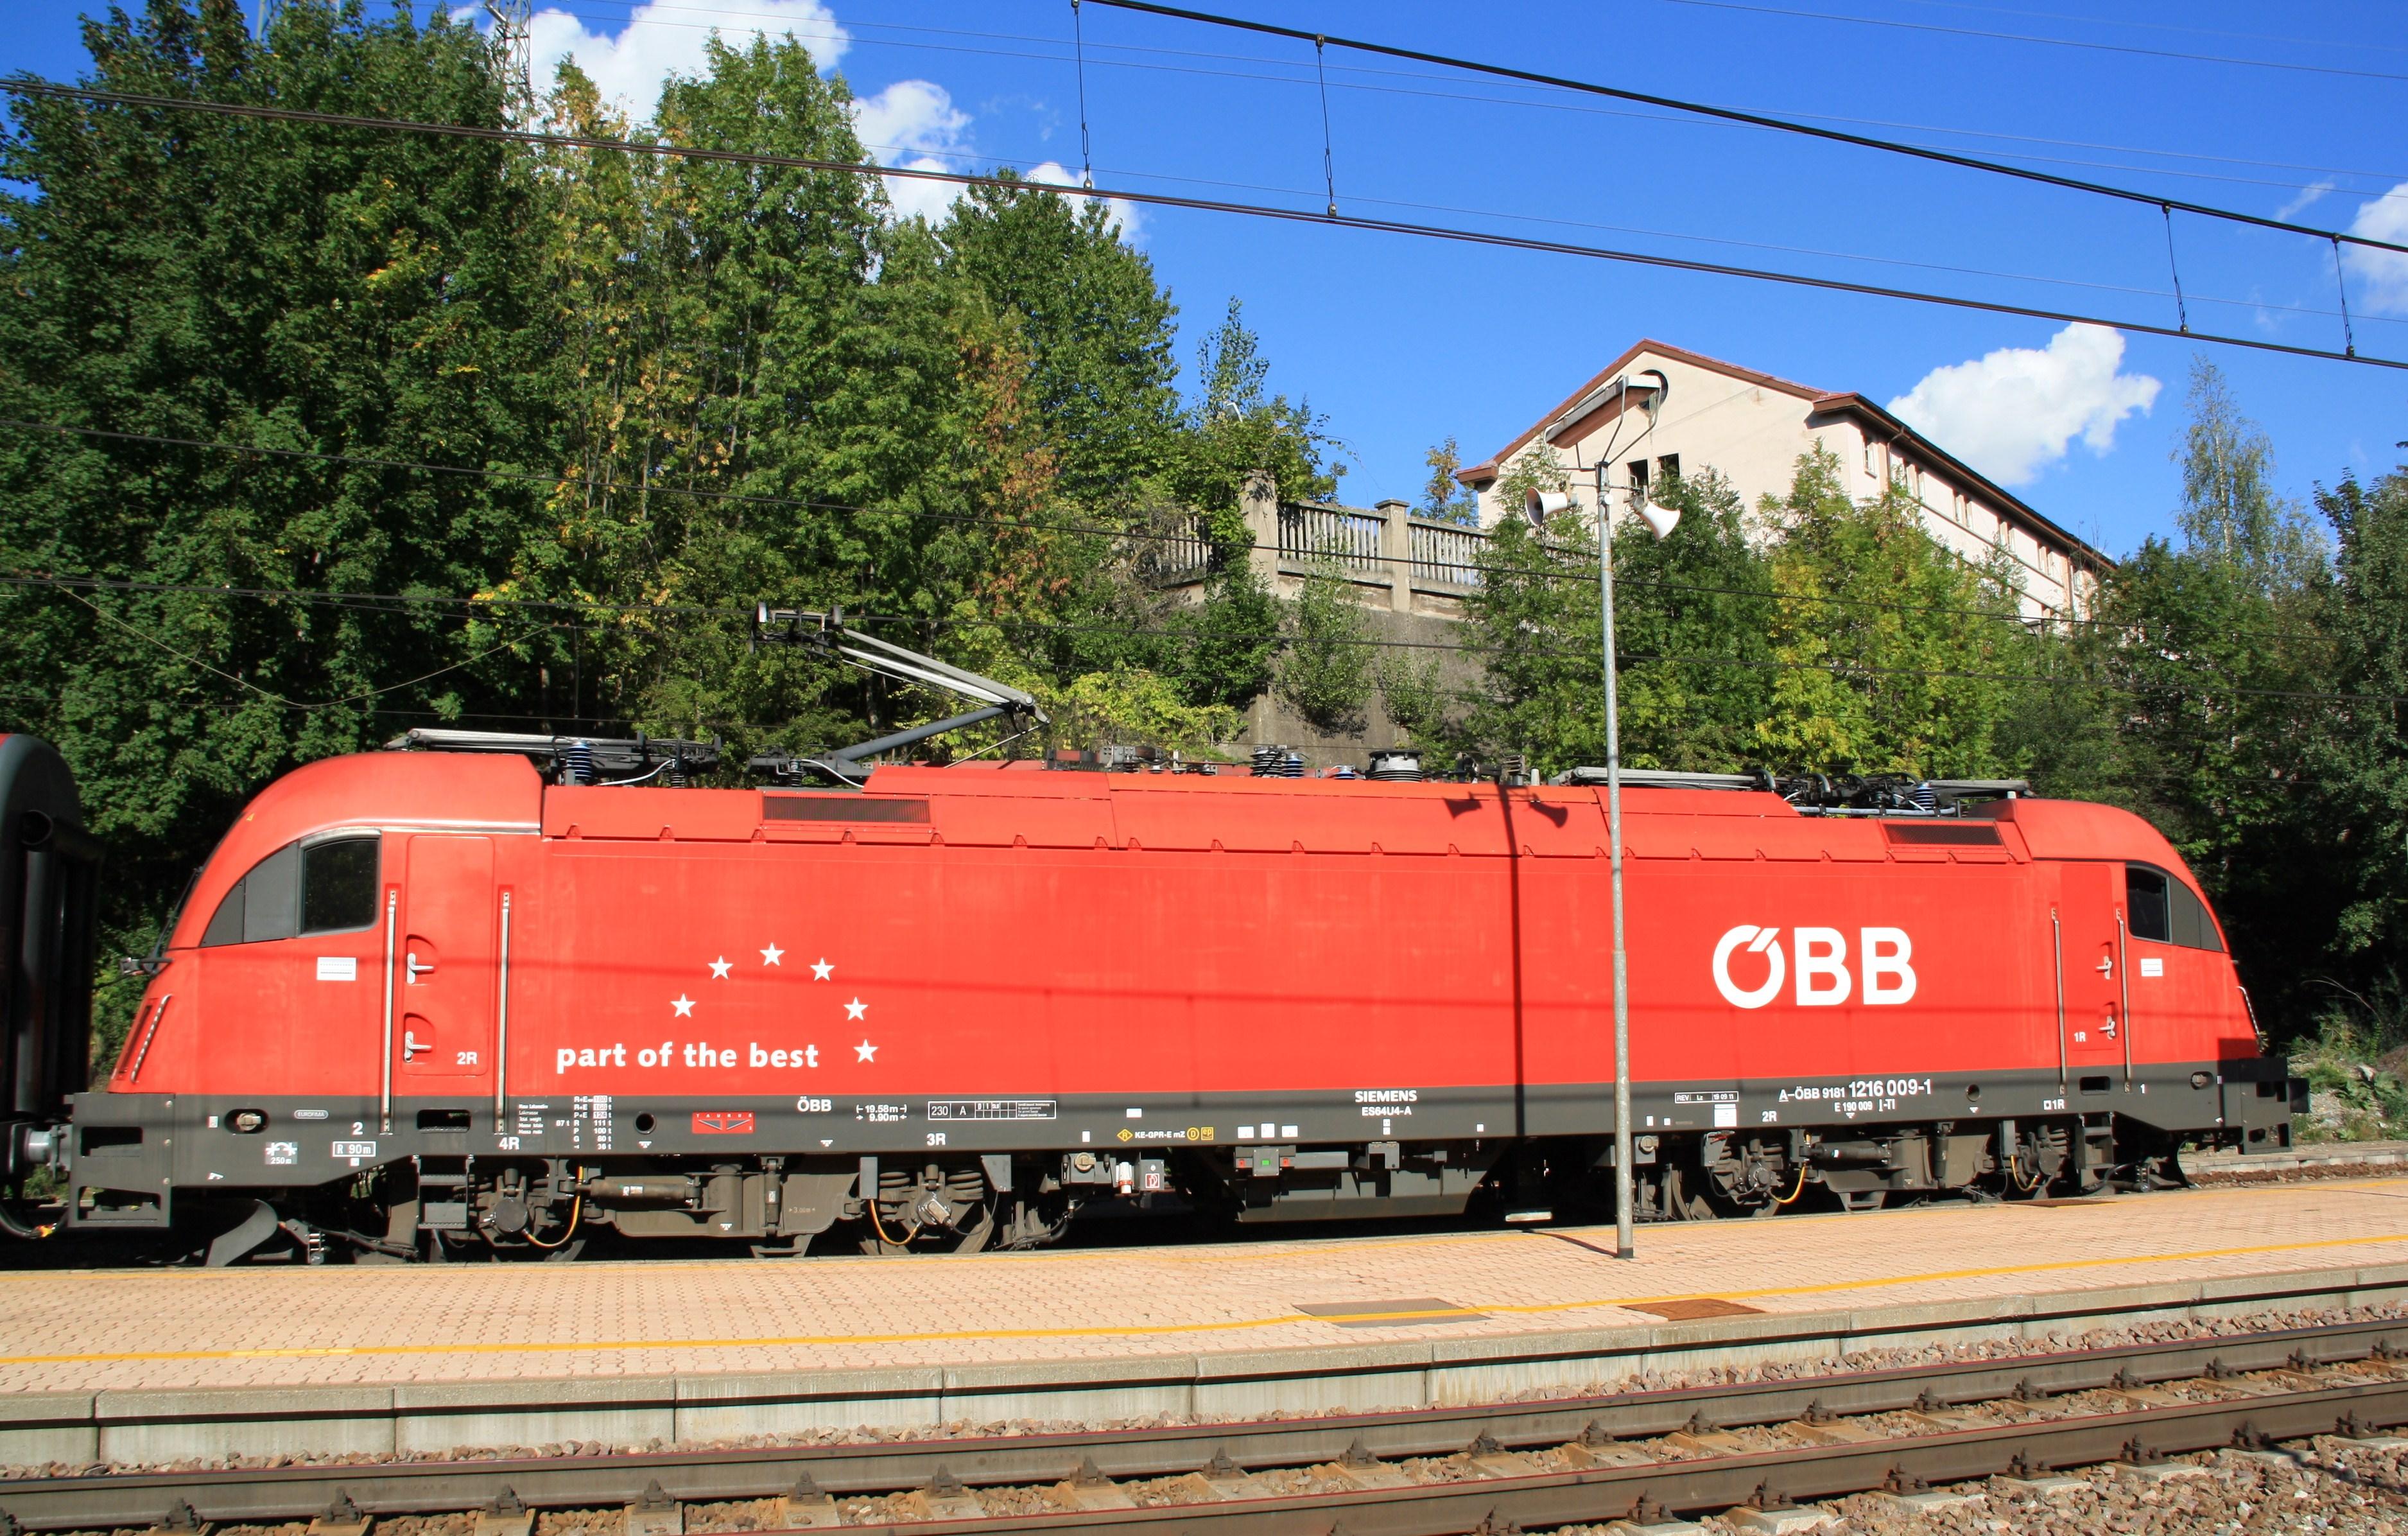 File:OBB 1216 009-1 (Siemens ES 64 U) 01.JPG